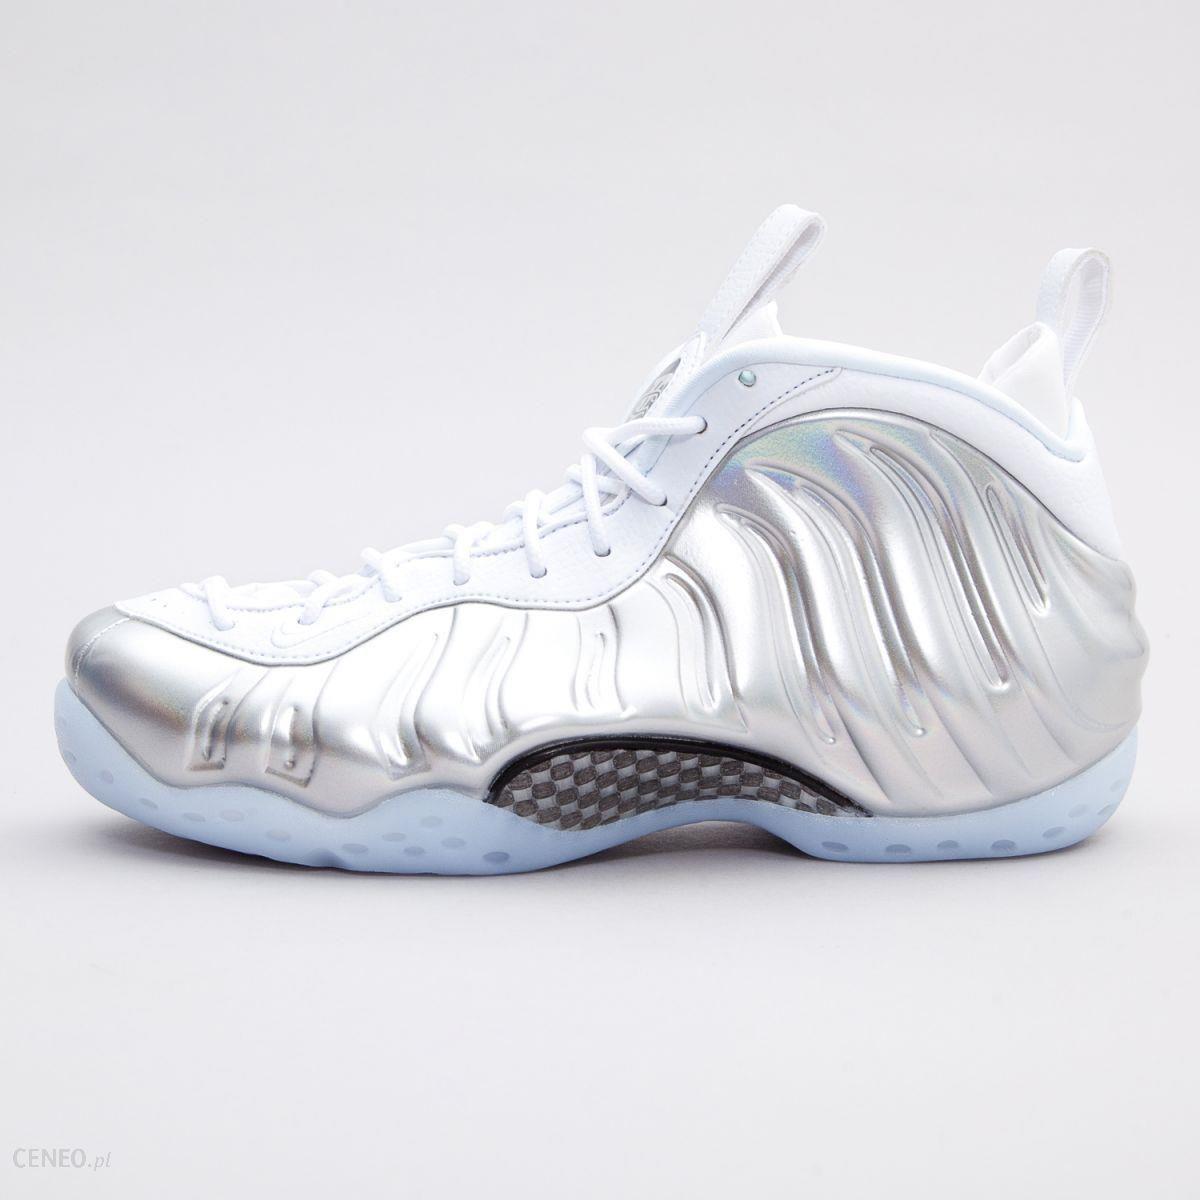 online store 6d1f4 b8516 Nike WMNS AIR FOAMPOSITE ONE AA3963-100 - zdjęcie 1